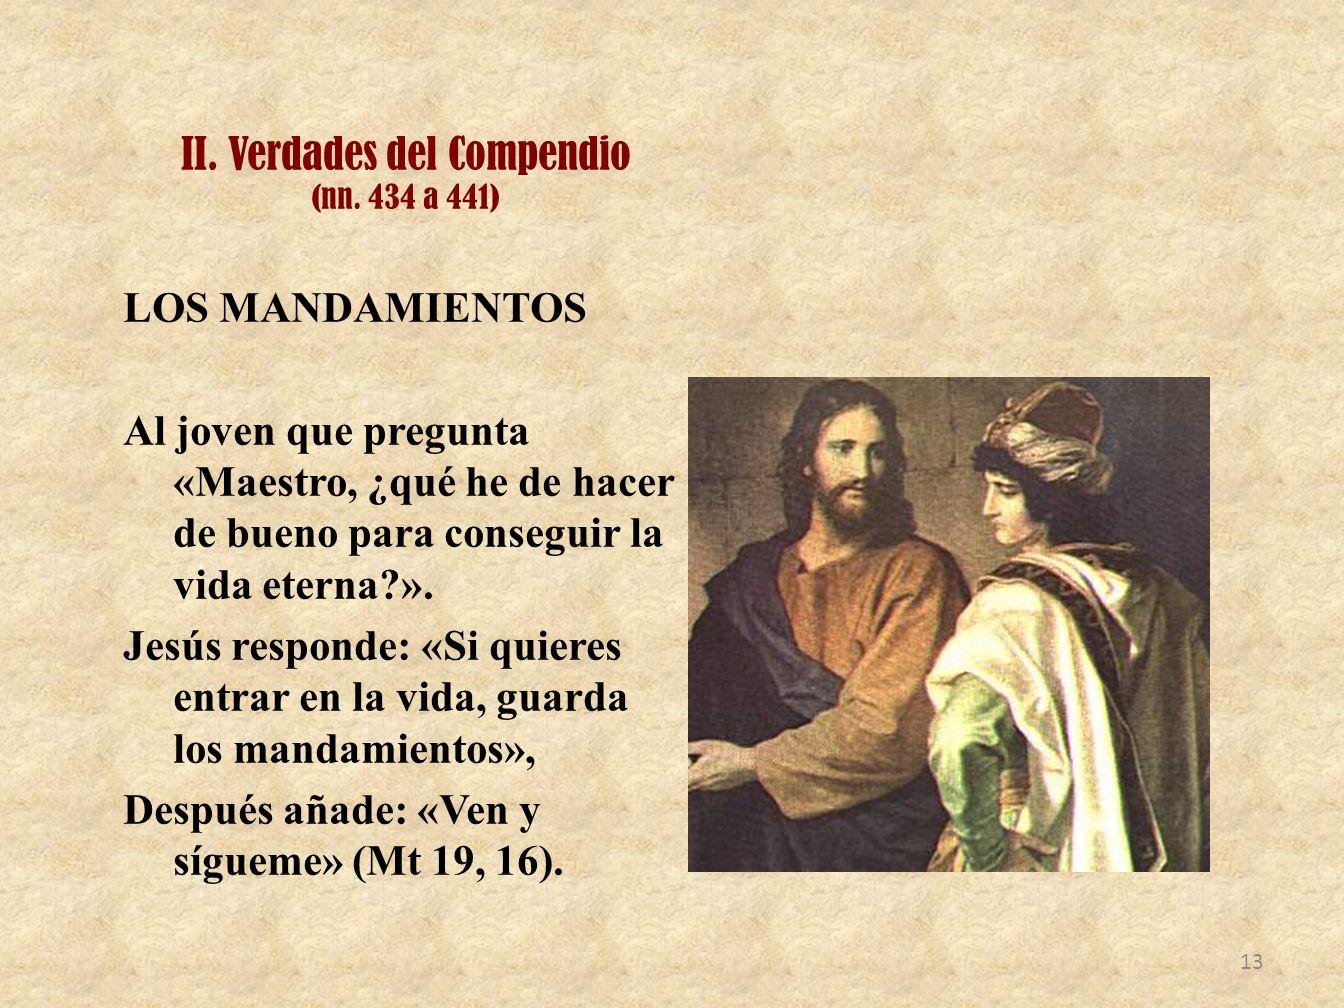 II. Verdades del Compendio (nn. 434 a 441) LOS MANDAMIENTOS Al joven que pregunta «Maestro, ¿qué he de hacer de bueno para conseguir la vida eterna?».